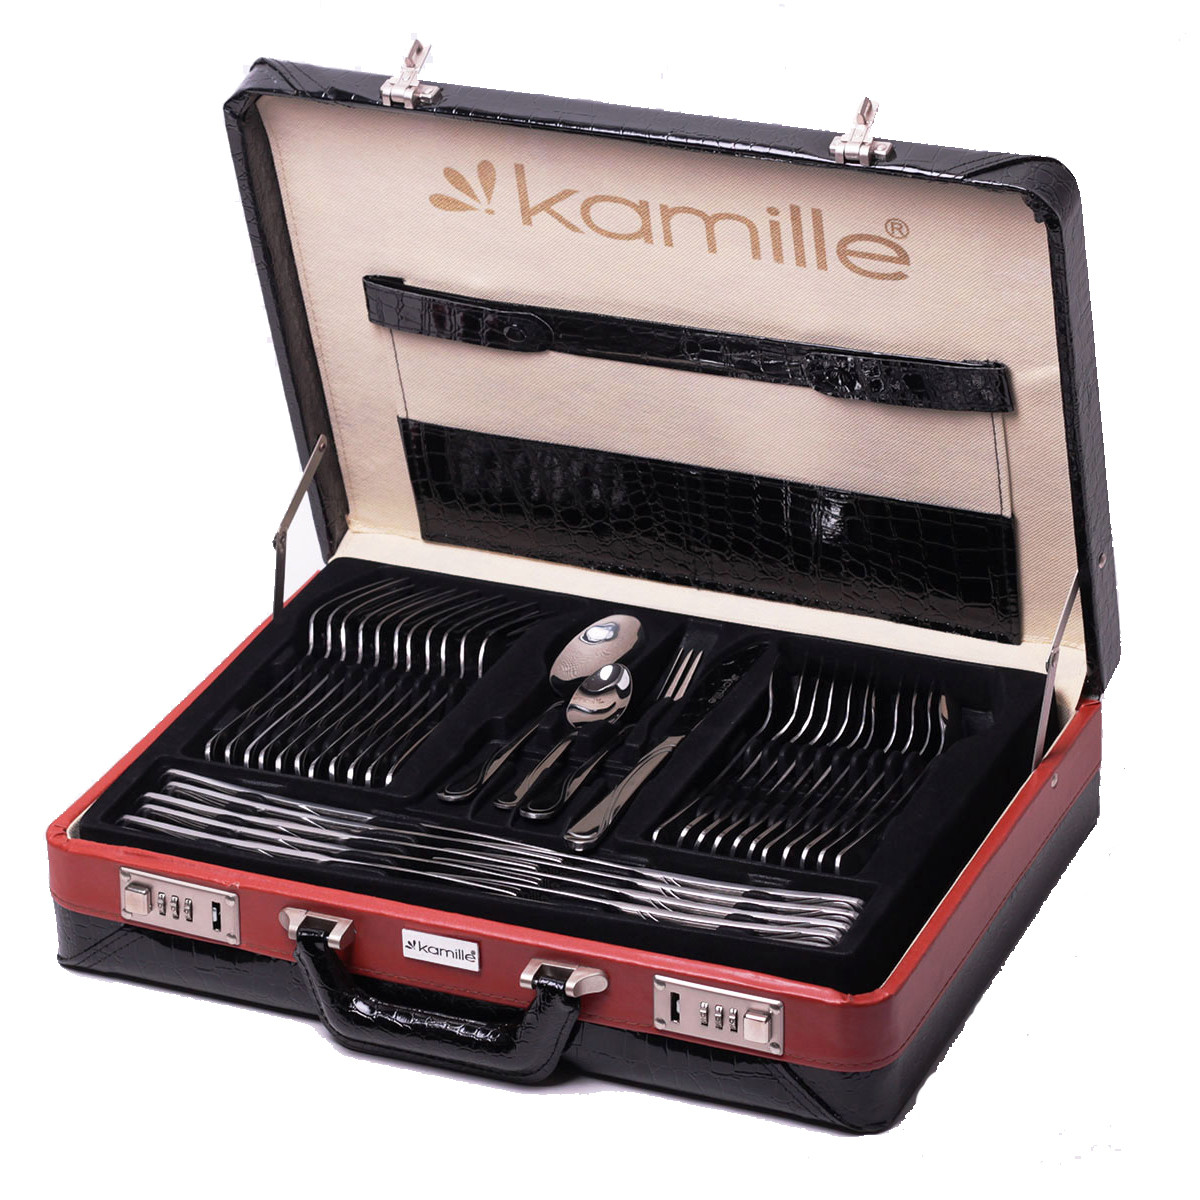 Набор столовых приборов Kamille 72 предмета из нержавеющей стали в кейсе KM-5215A